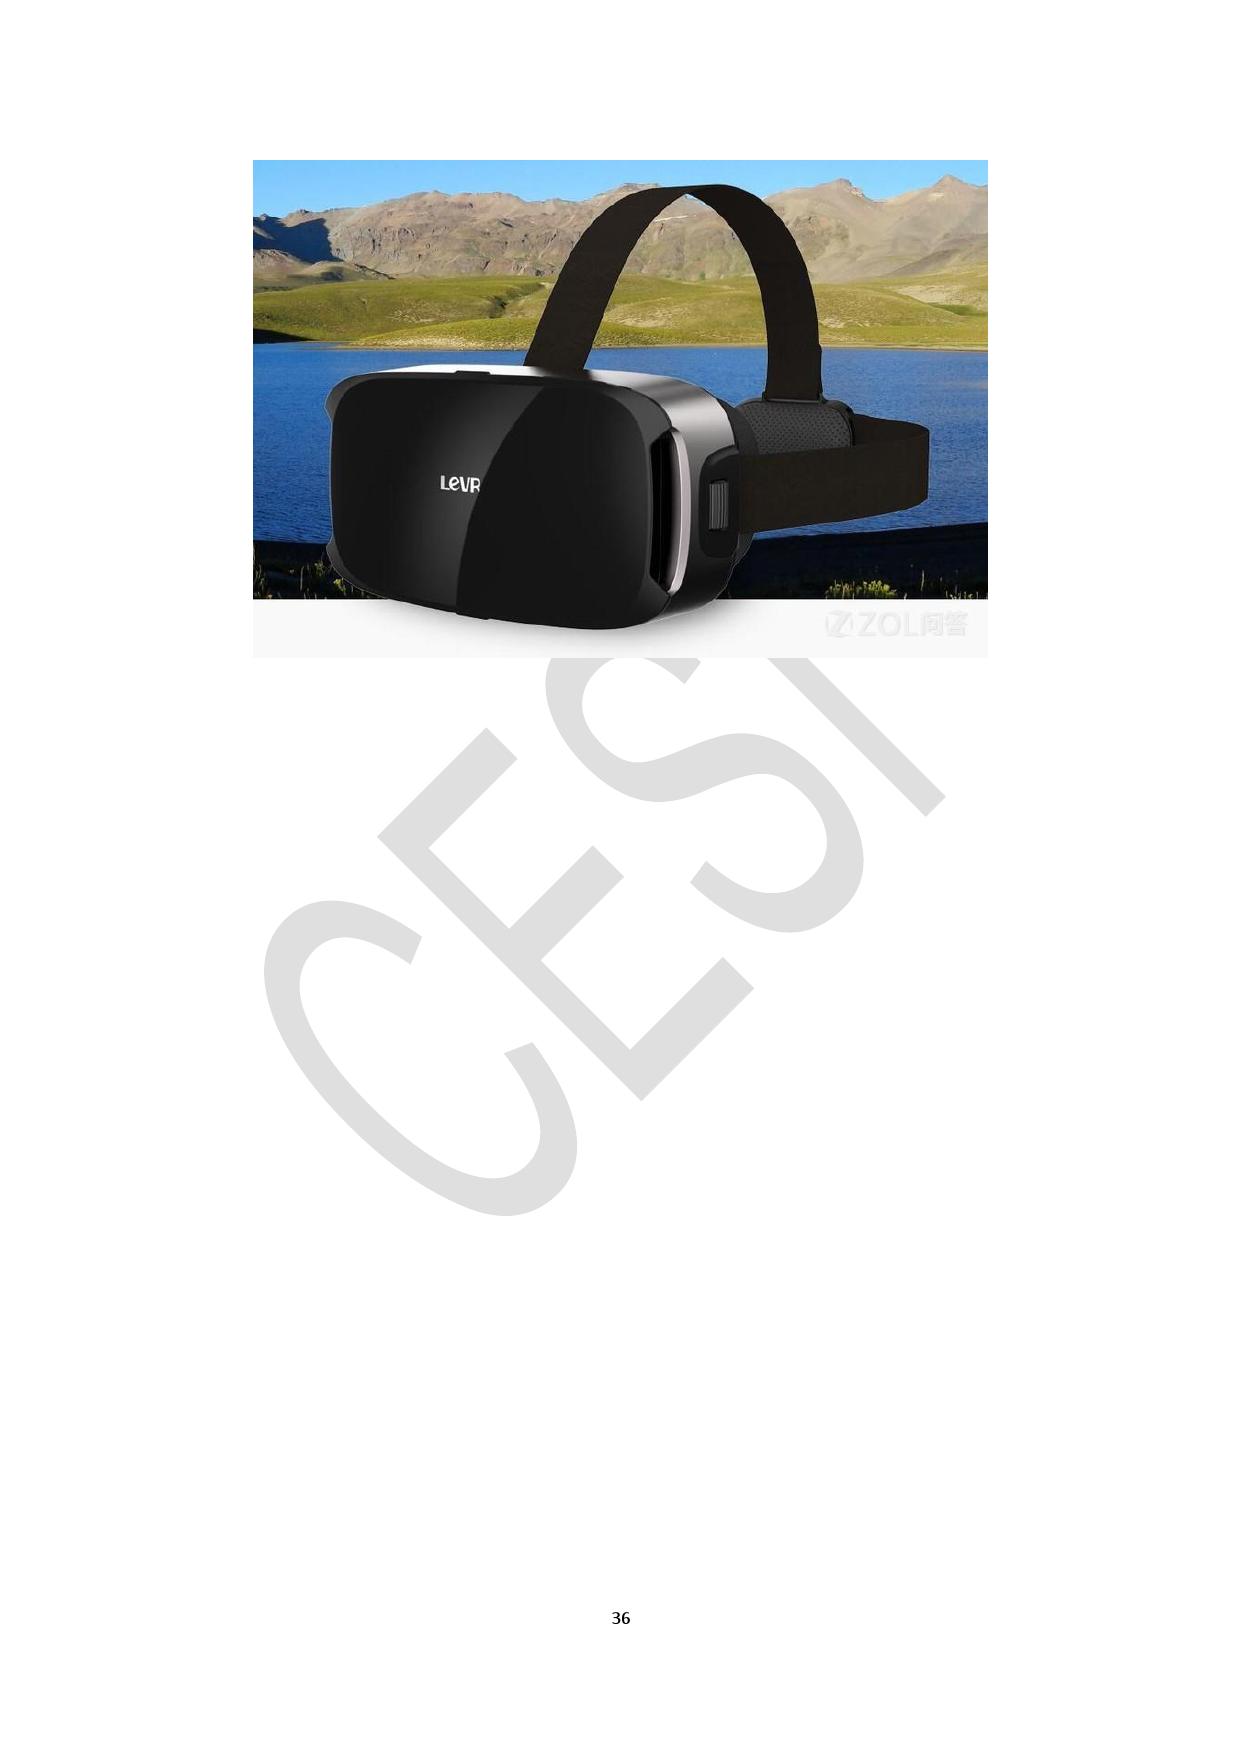 2016年虚拟现实产业发展白皮书_000038